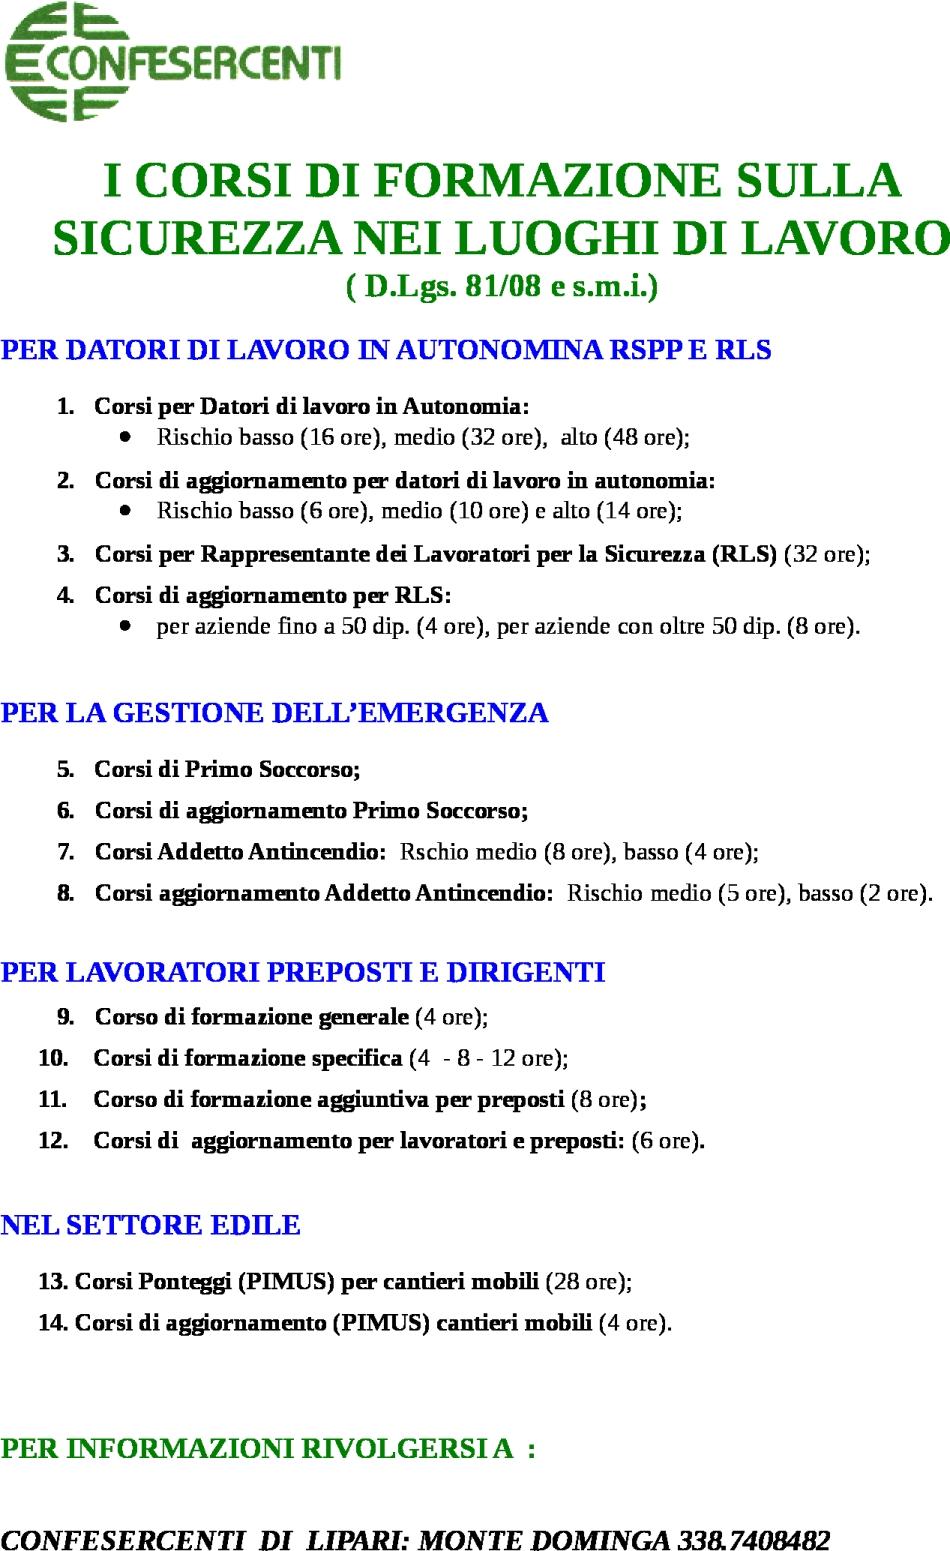 Corsi-Sicurezza-Decreto-81.08.-Locandina-corsi